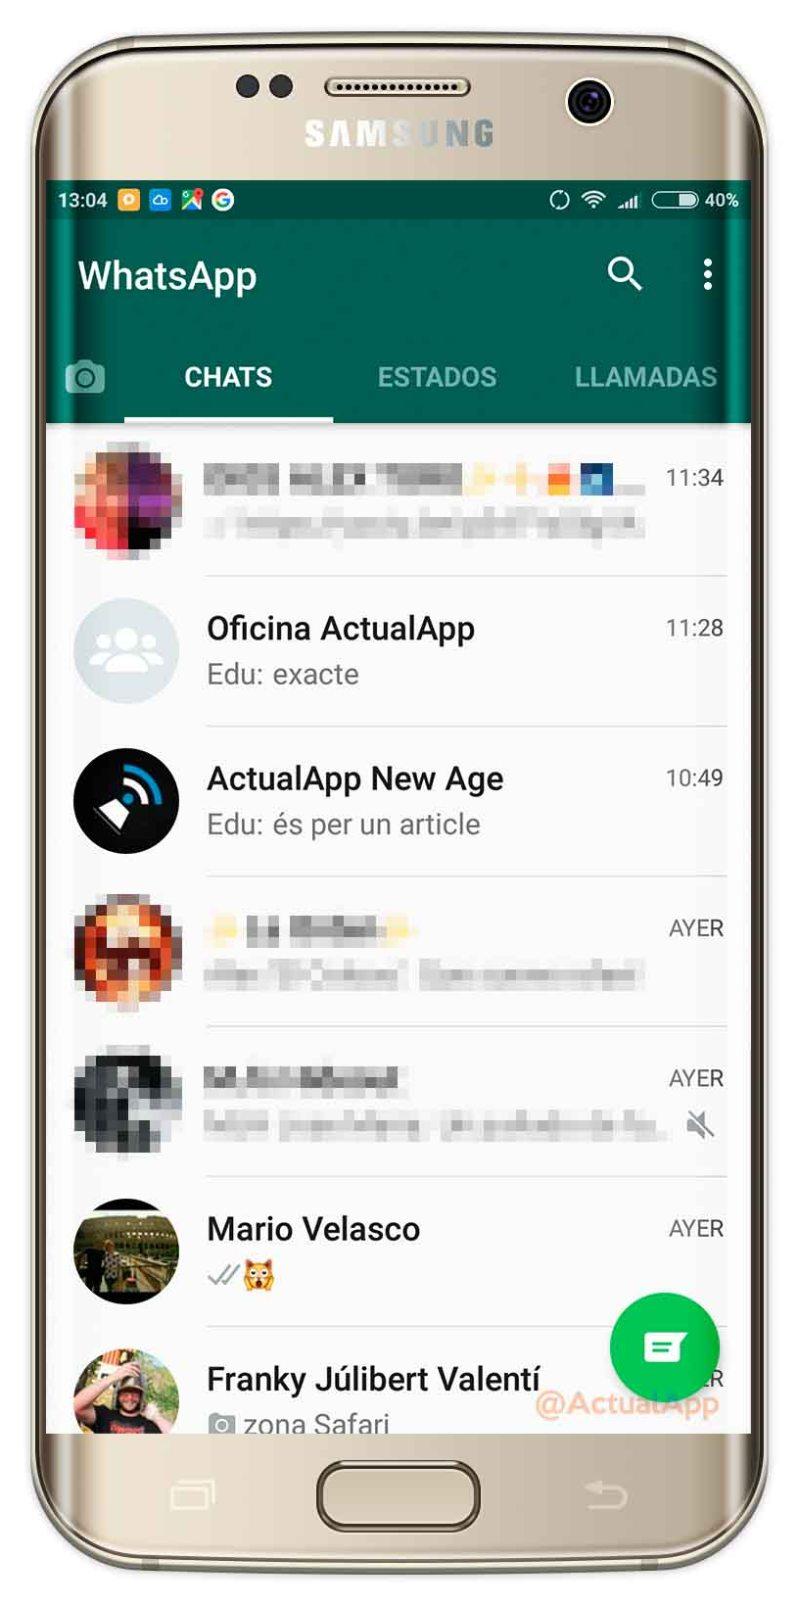 descargar whatsapp gratis y facil de instalar